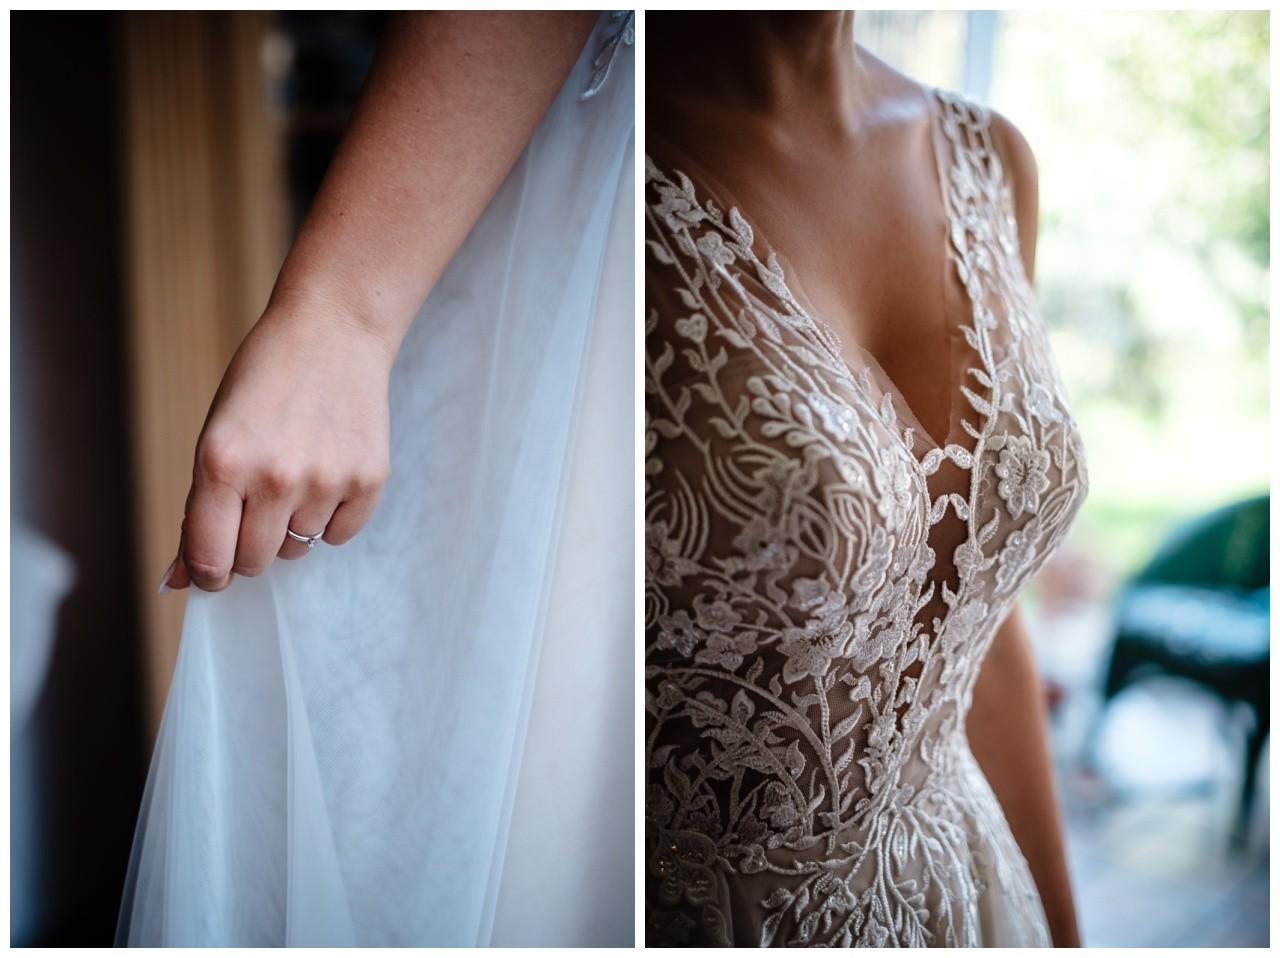 Gartenhochzeit hochzeit garten draussen fotograf corona hochzeitsfotograf 20 - DIY Hochzeit im Garten